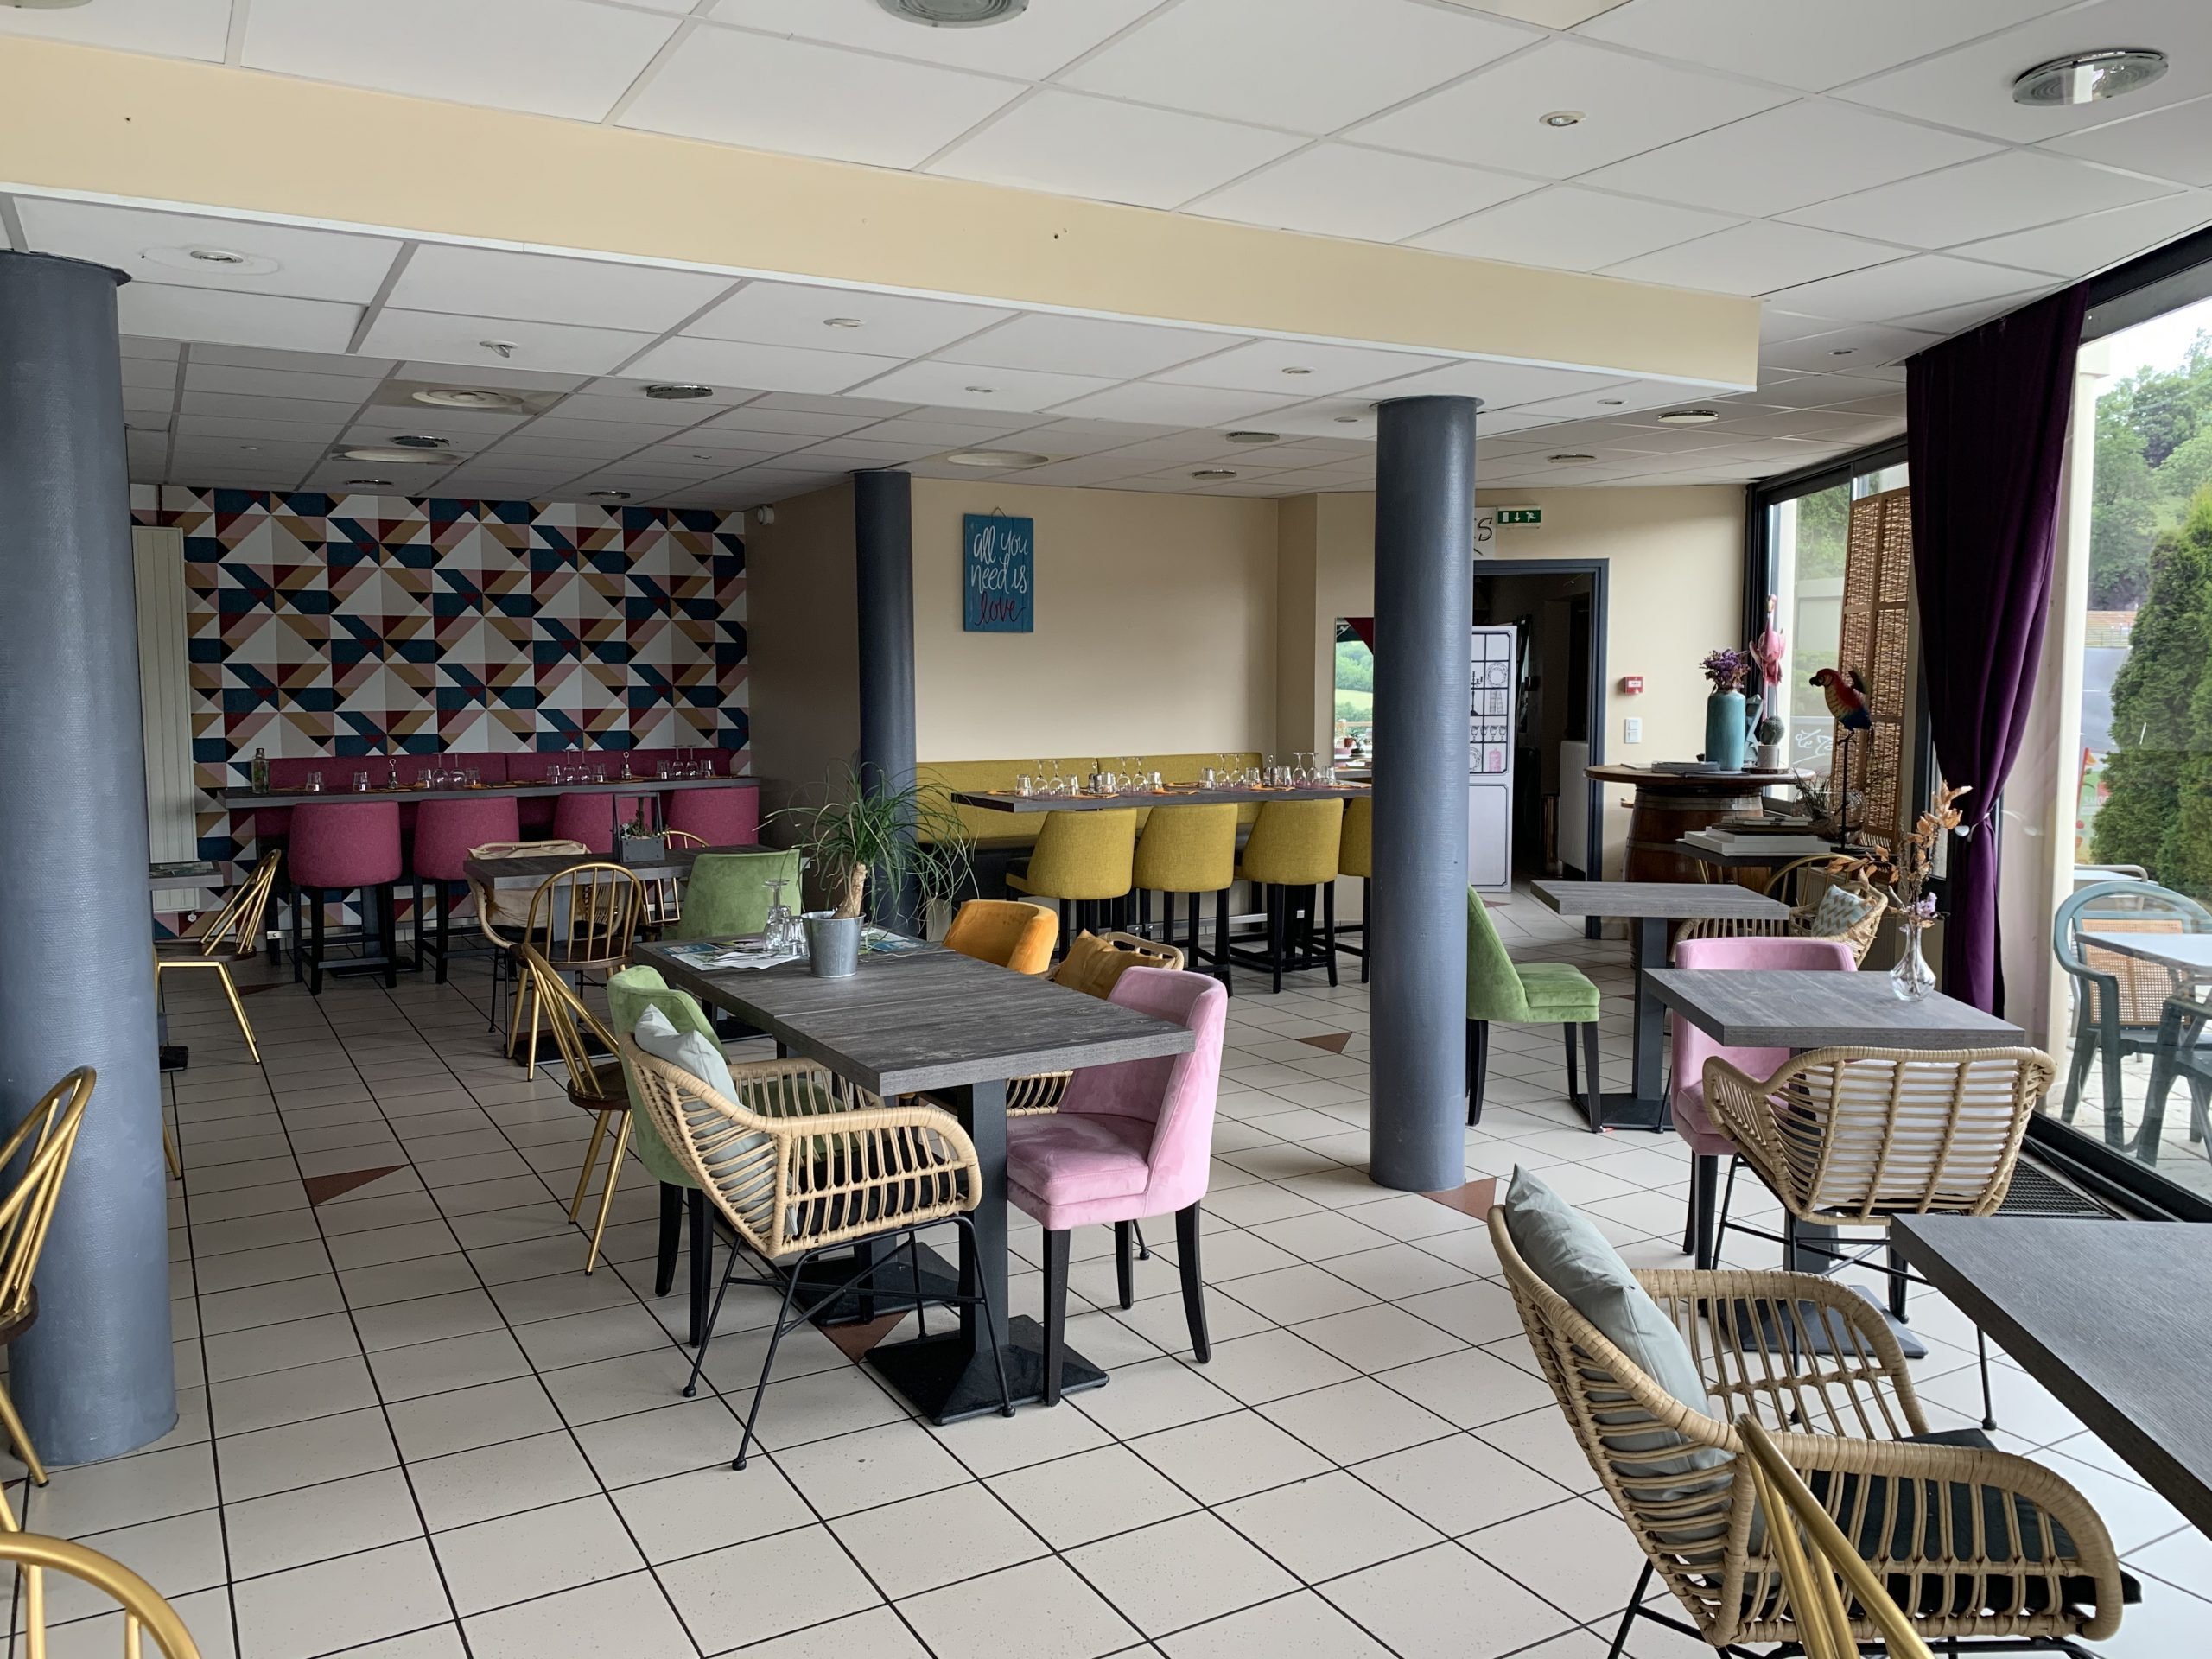 Restaurant room at the Marius Hotel